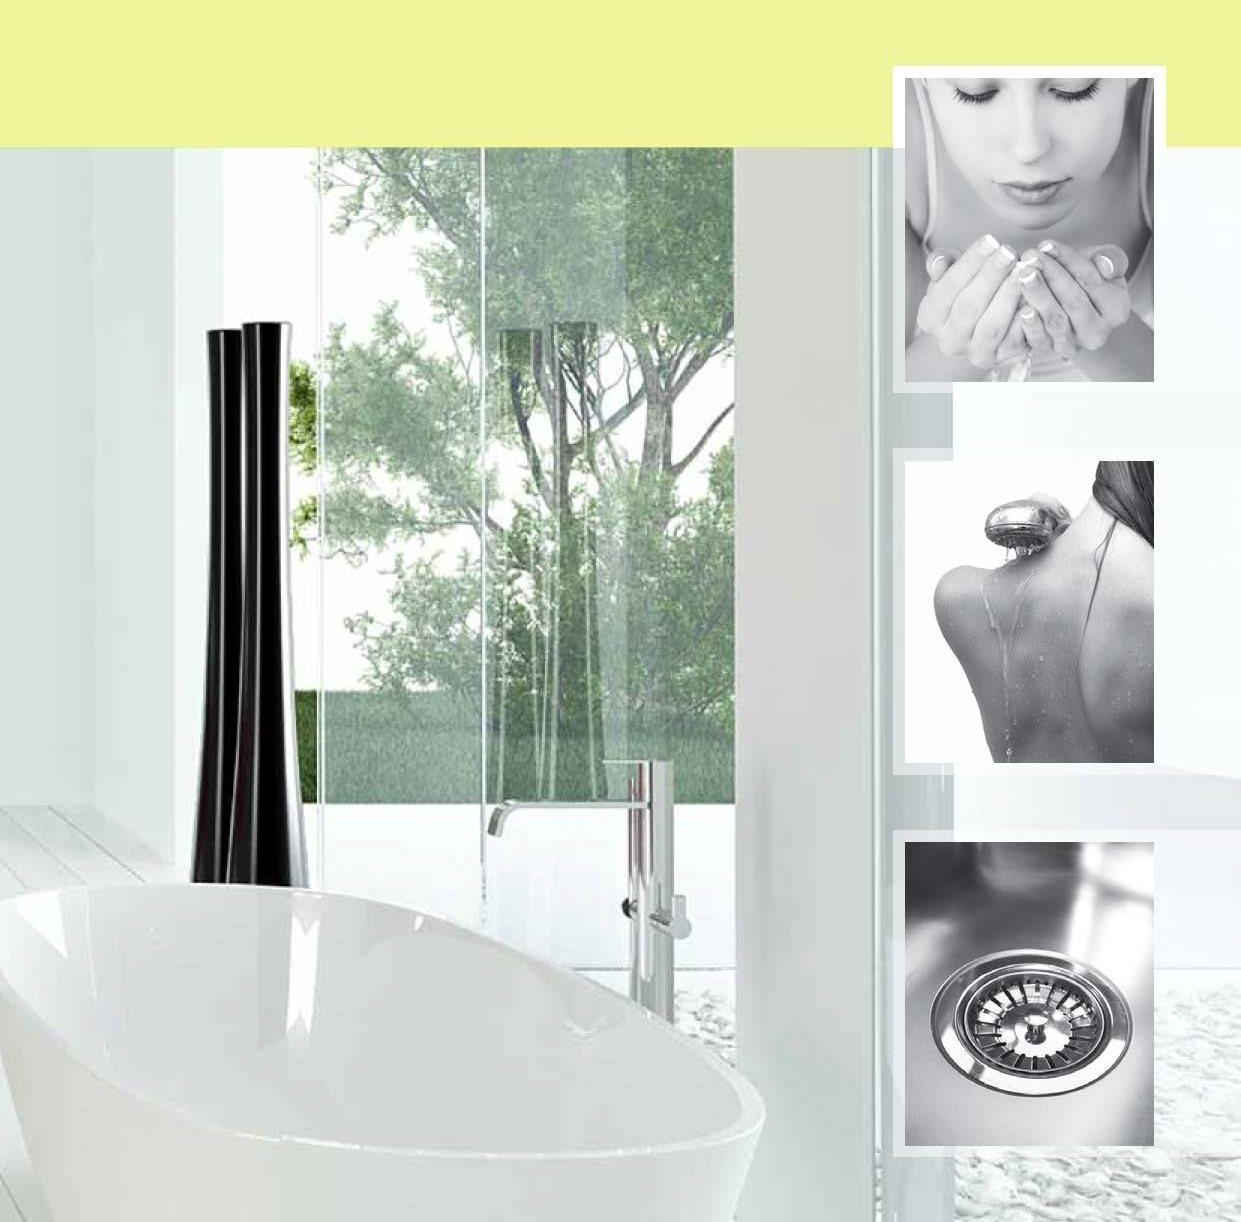 Blødt vand vist ved badekar og diverse vaskeamarturer